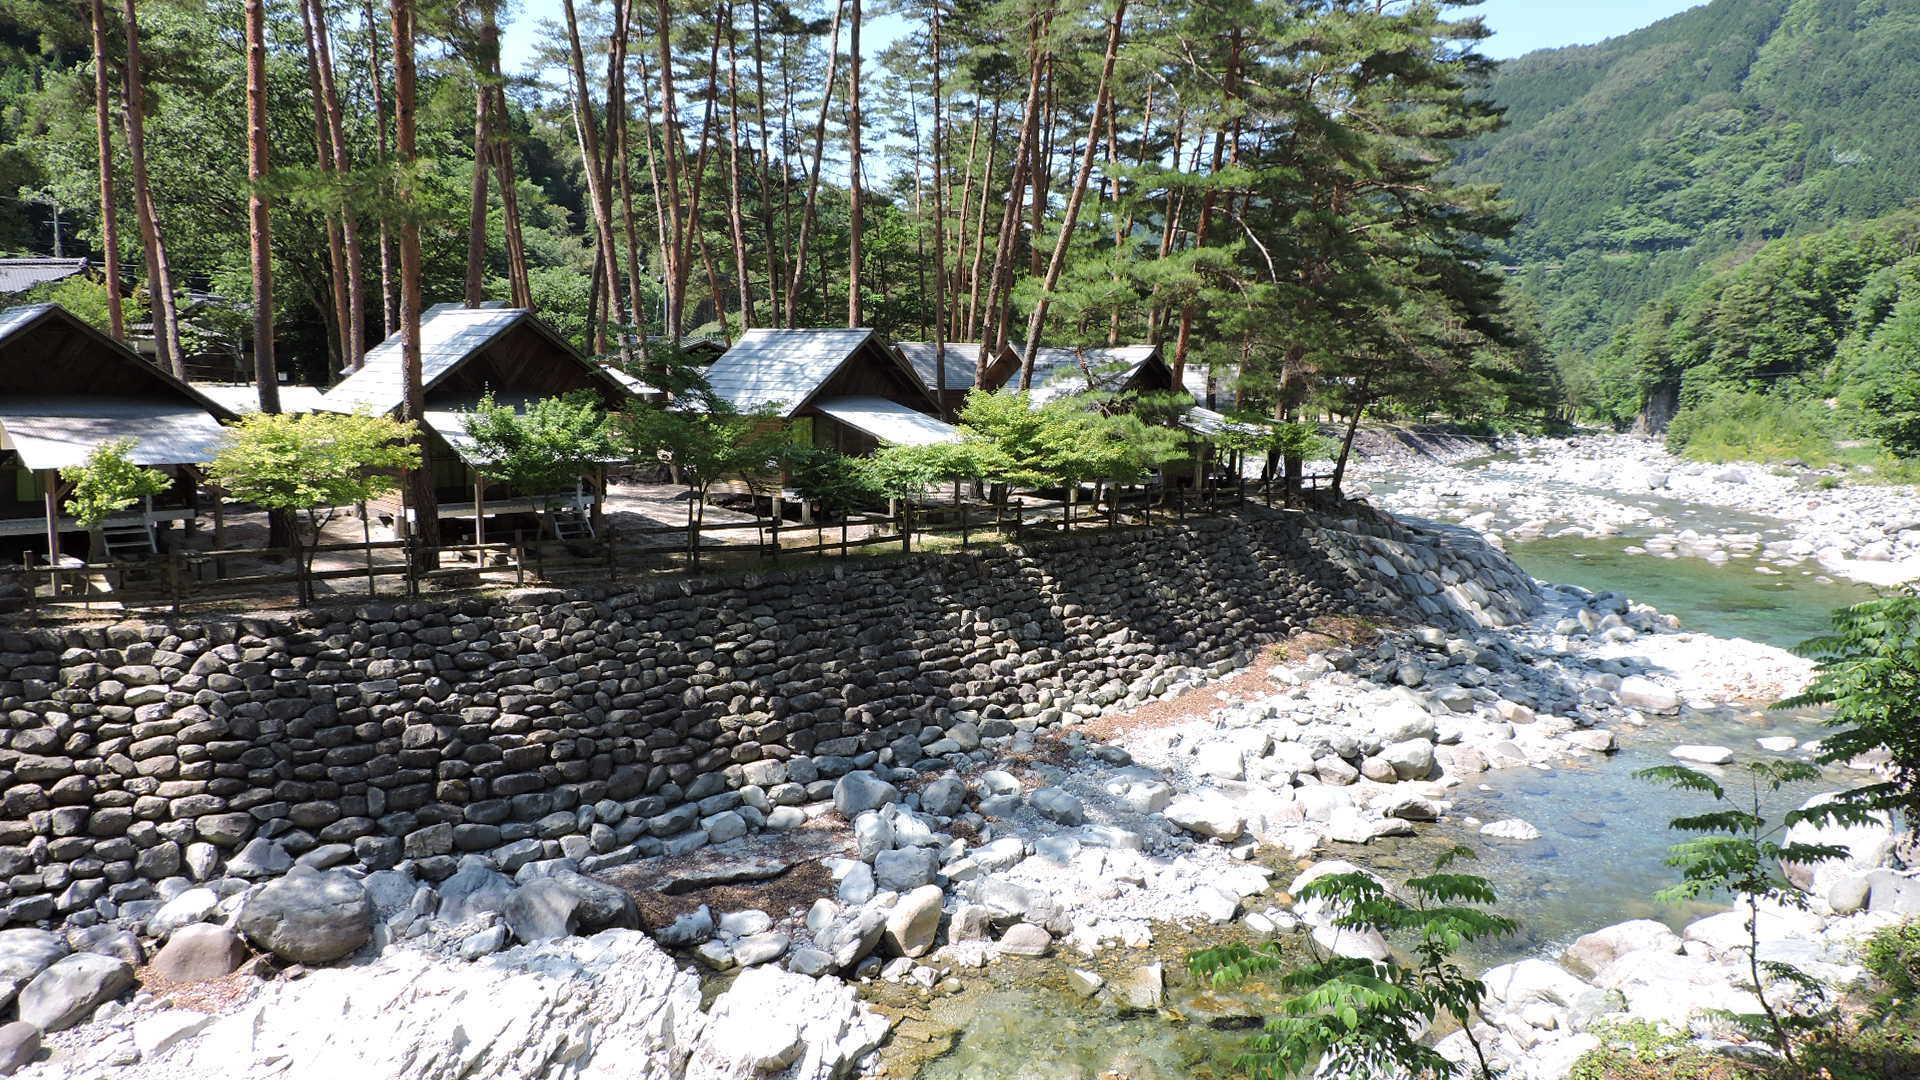 付知峡 いよいよキャンプシーズン始まります⛺_e0020051_10365337.jpg